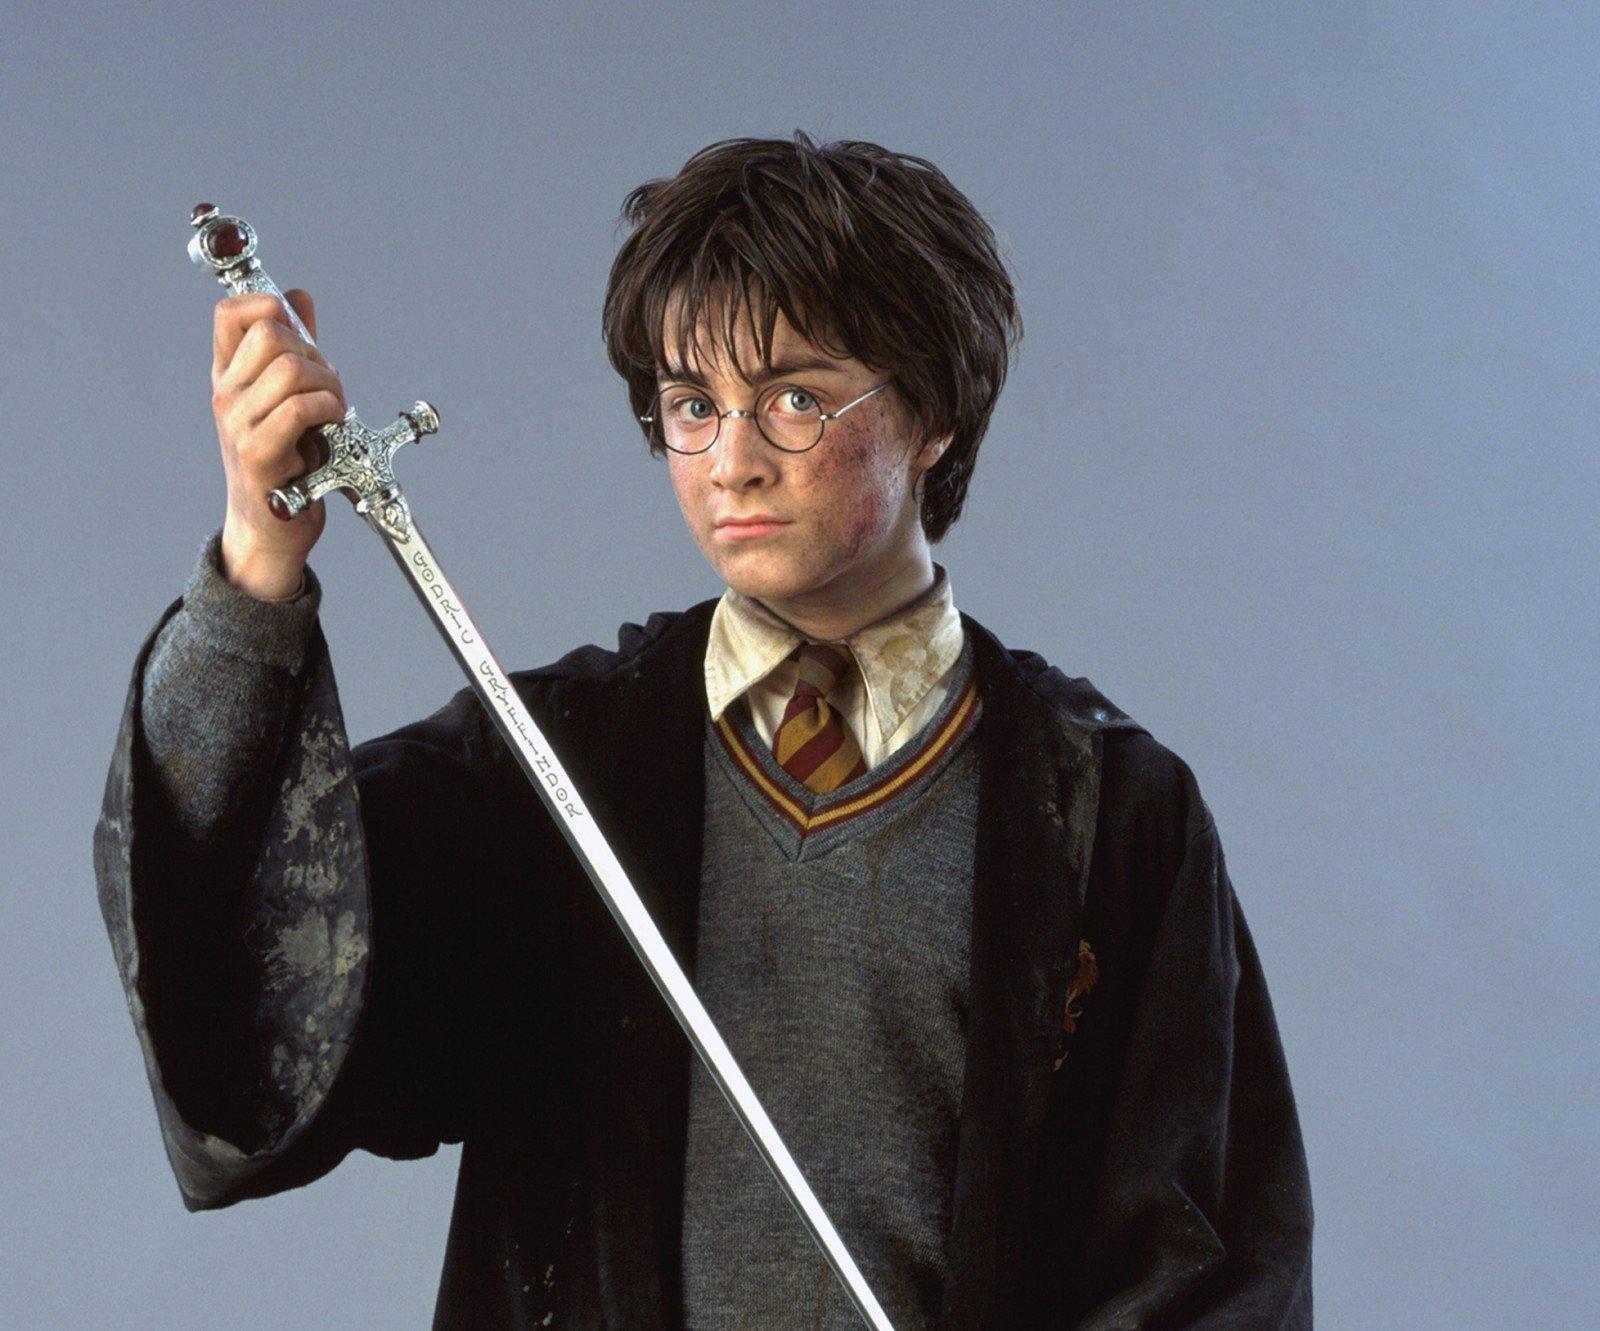 Исполнилось 20 лет смомента издания книги оГарри Поттере